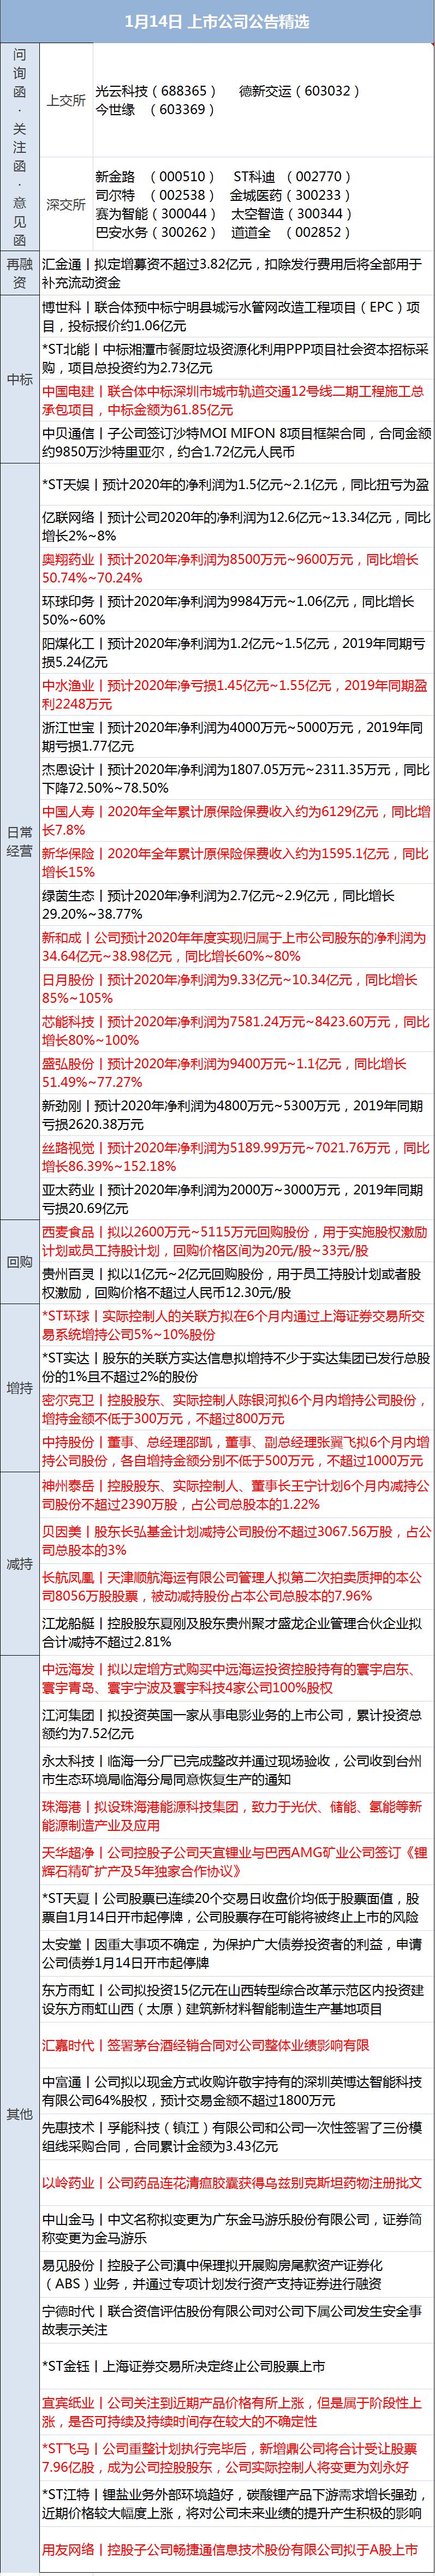 早财经丨黑龙江新增确诊40例,无症状感染者50例;美国国会众议院投票通过特朗普弹劾案;日本将全面禁止外国人入境